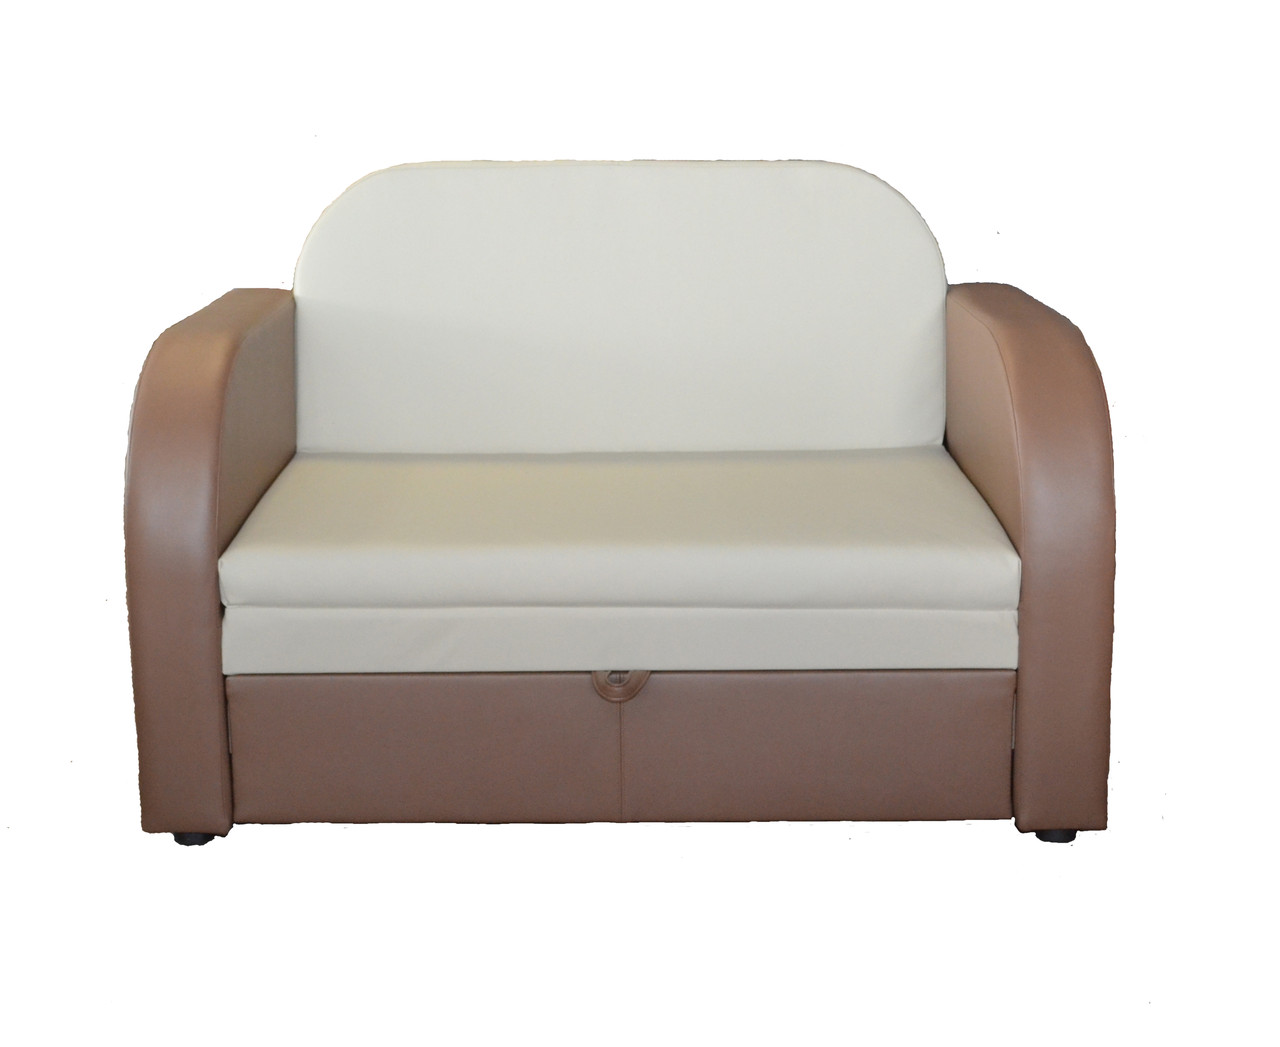 Диван-кровать с коробом для хранения Трио в кожзаме